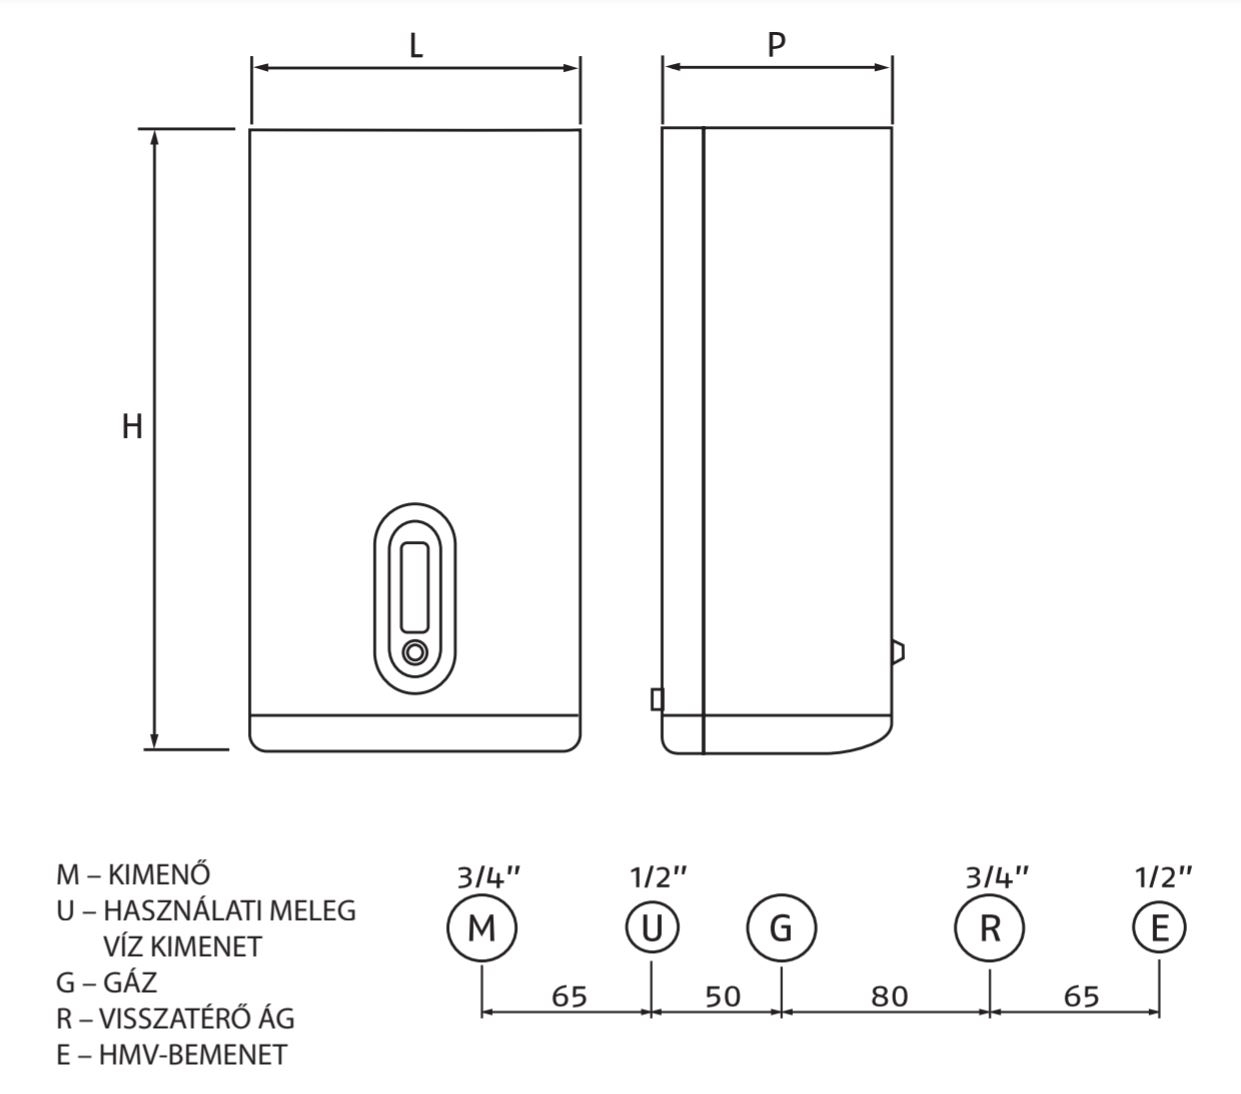 Riello Family Condens 2.5 IS E MTN Fali kondenzációs fűtő gázkazán 20 kW műszaki ábra